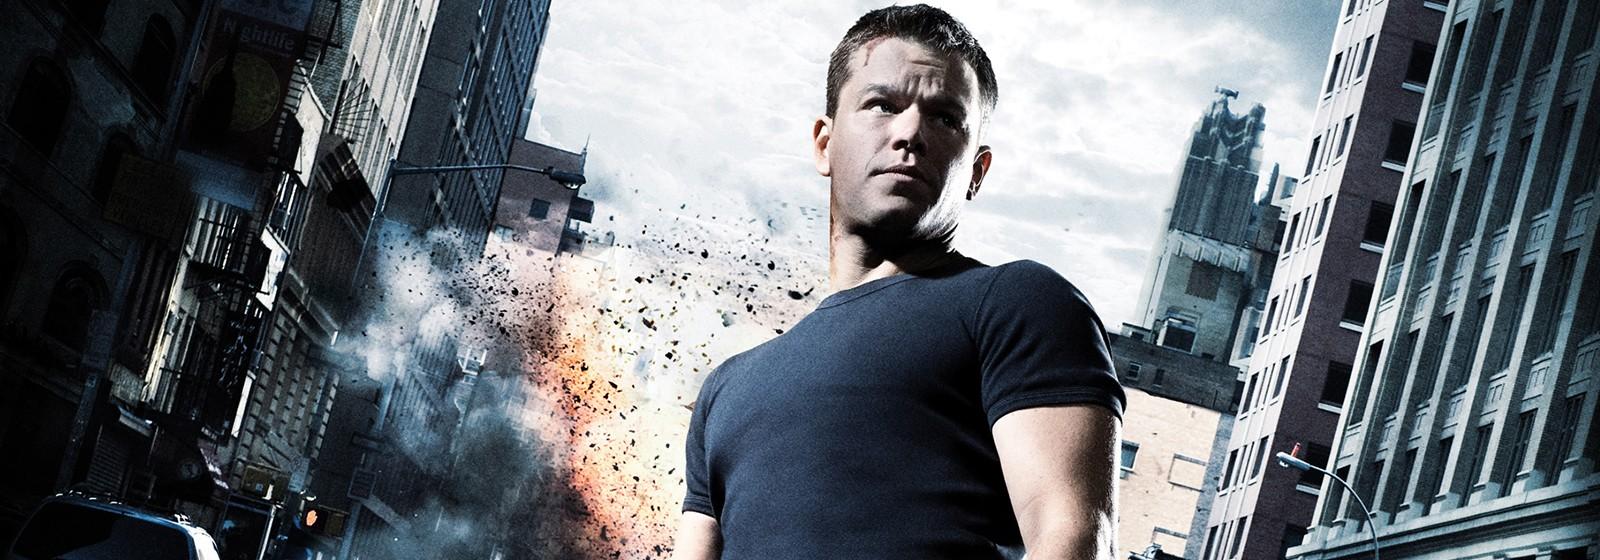 Especial Bourne